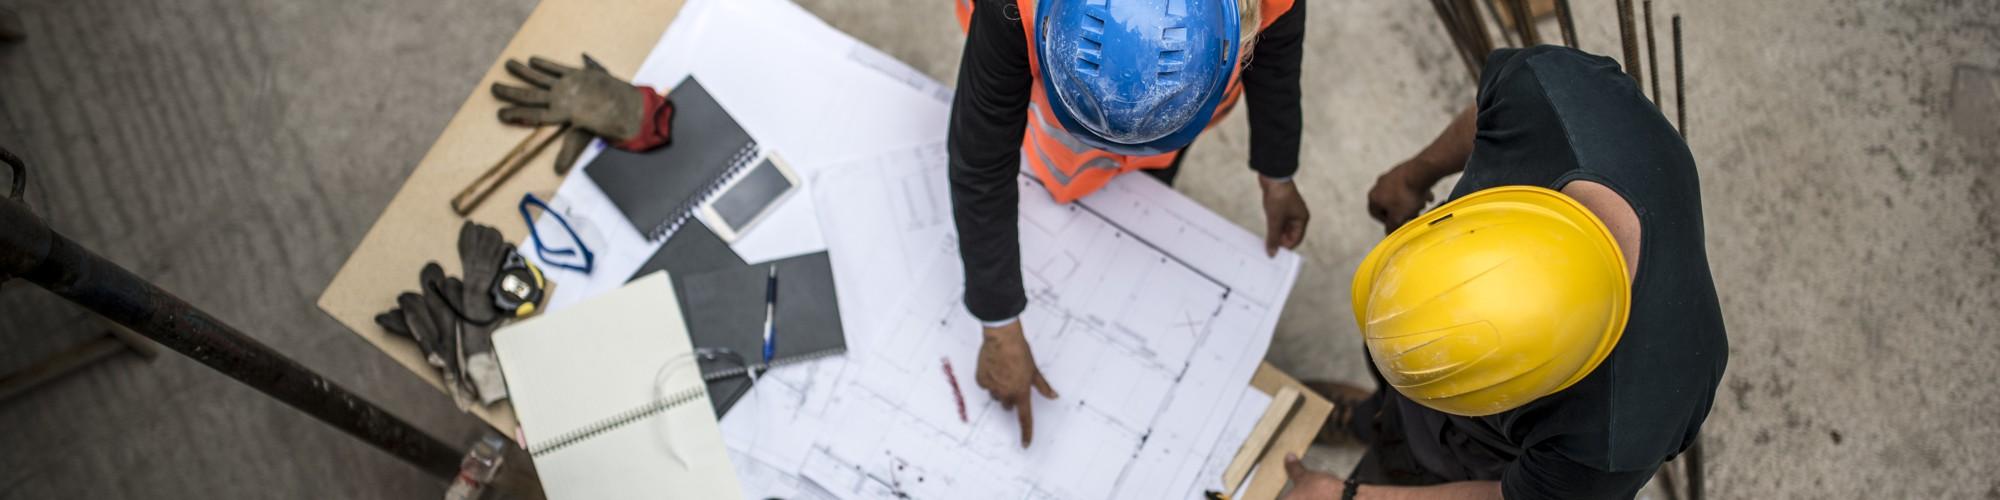 Bild: Baupläne auf Tisch von oben gesehen mit zwei Bauarbeitern, die diese betrachten